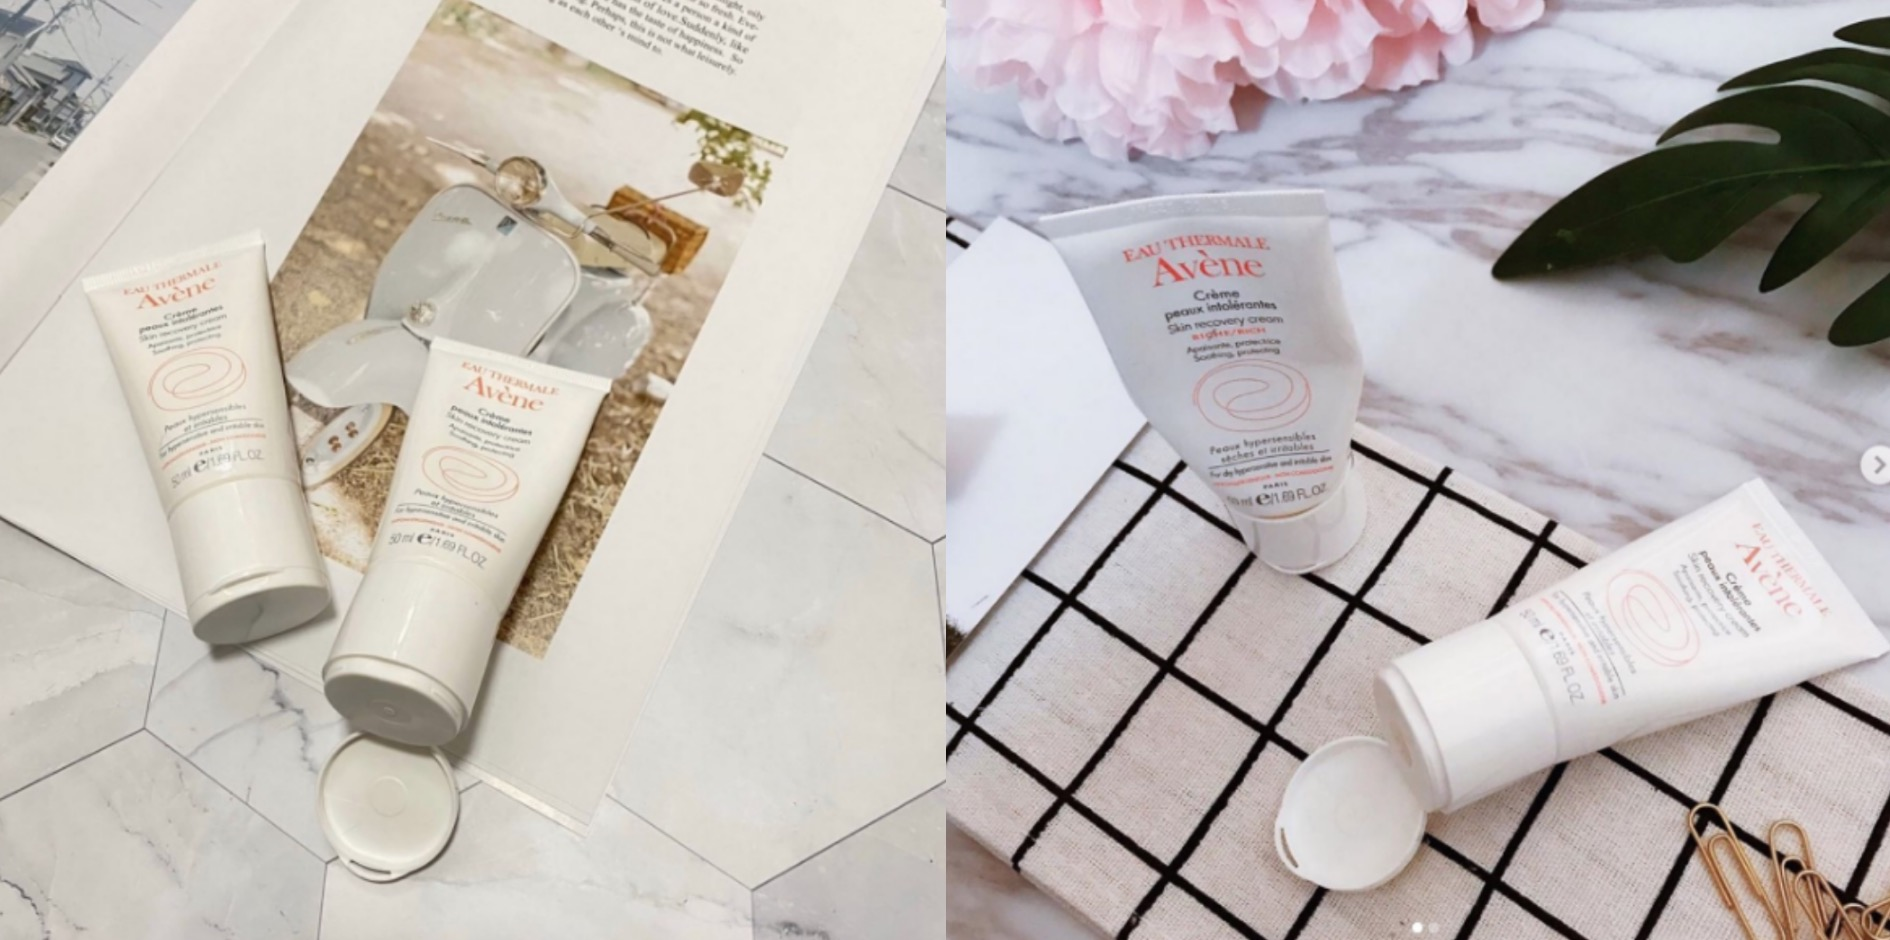 專利D.E.F.I.無菌包裝,適用一般及敏感性肌膚,產品添加雅漾活泉水,能舒緩肌膚不適、調理敏弱性肌膚